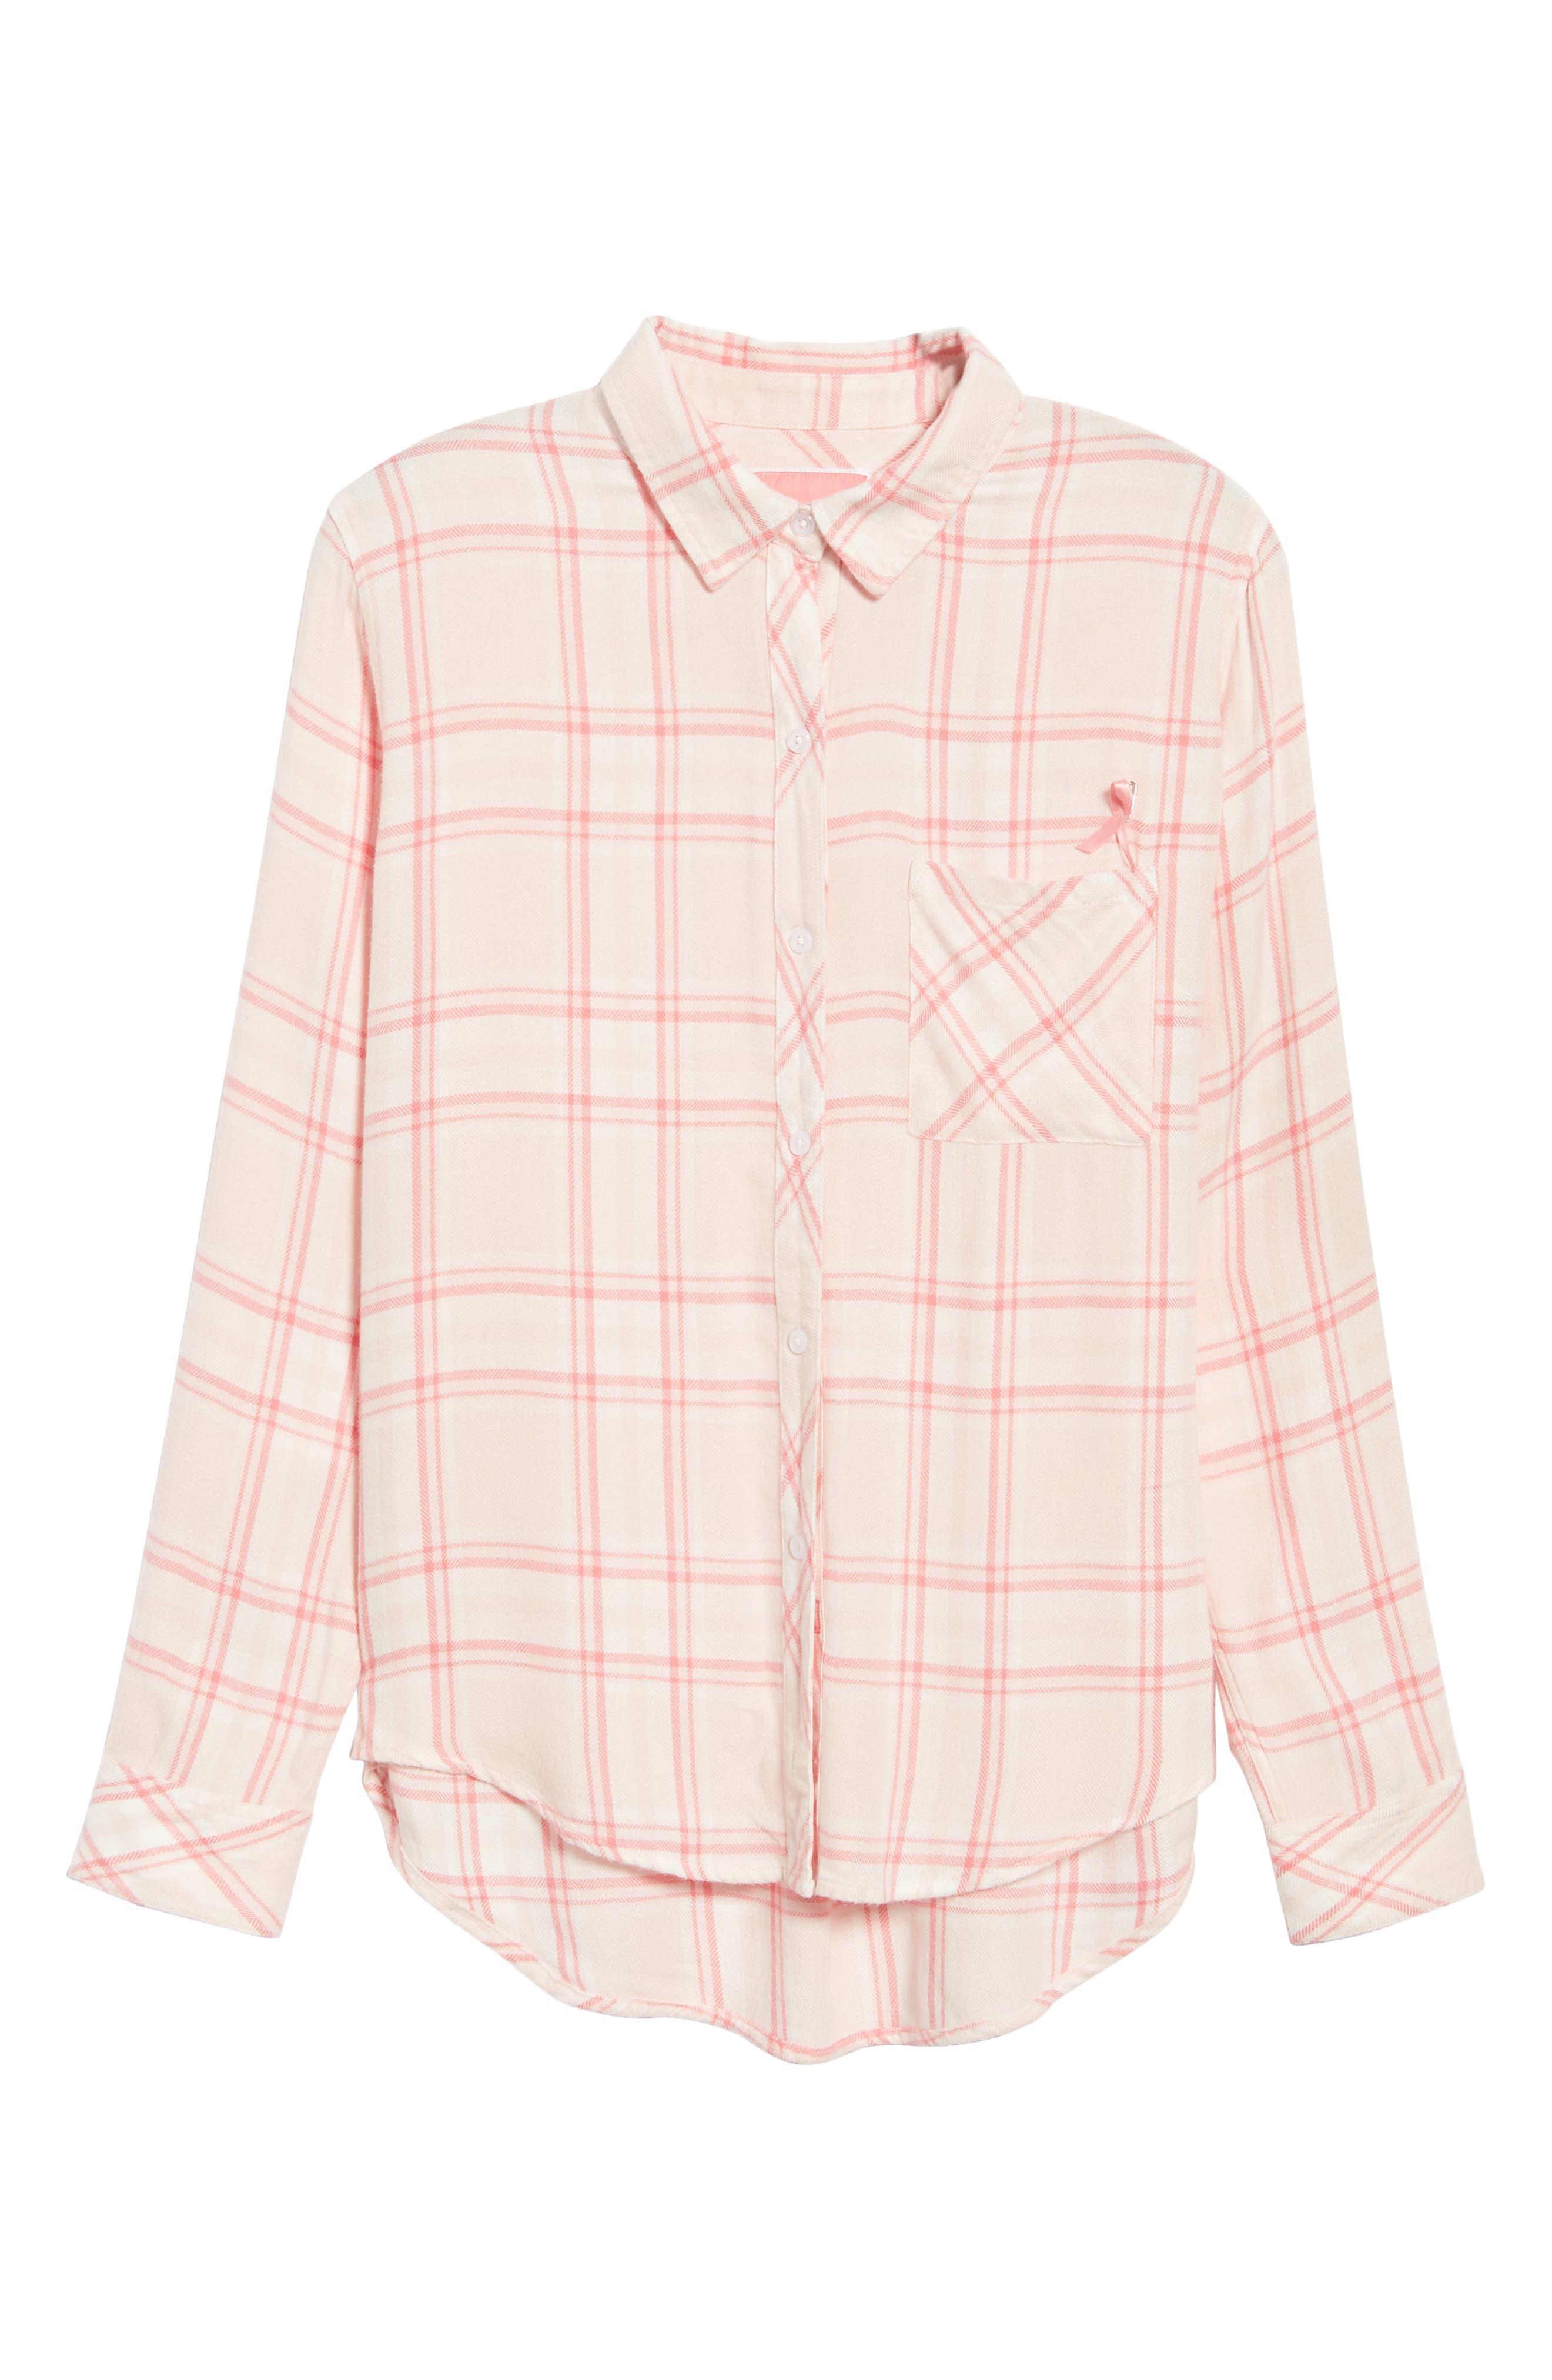 Hunter Plaid Shirt,                             Alternate thumbnail 6, color,                             675